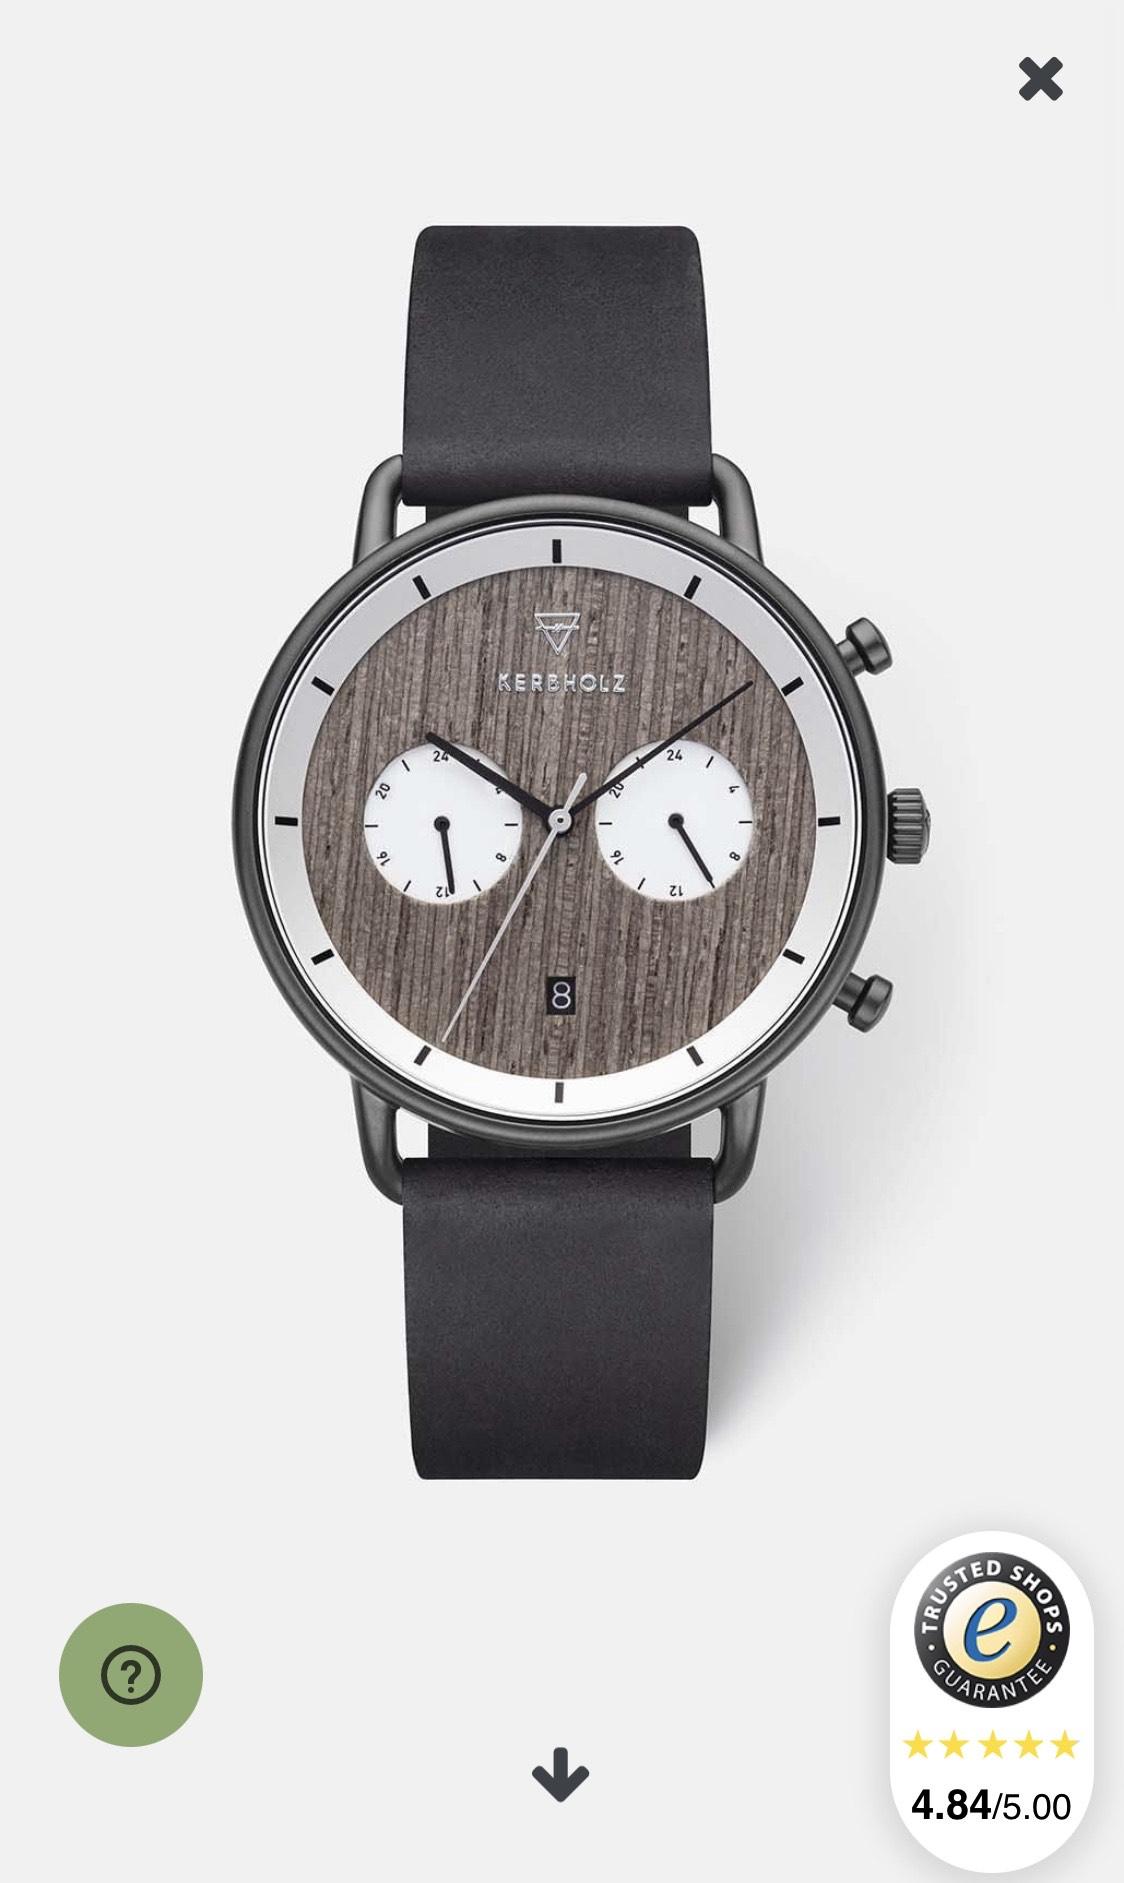 Verschiedene Kerbholz Uhren / B-Ware